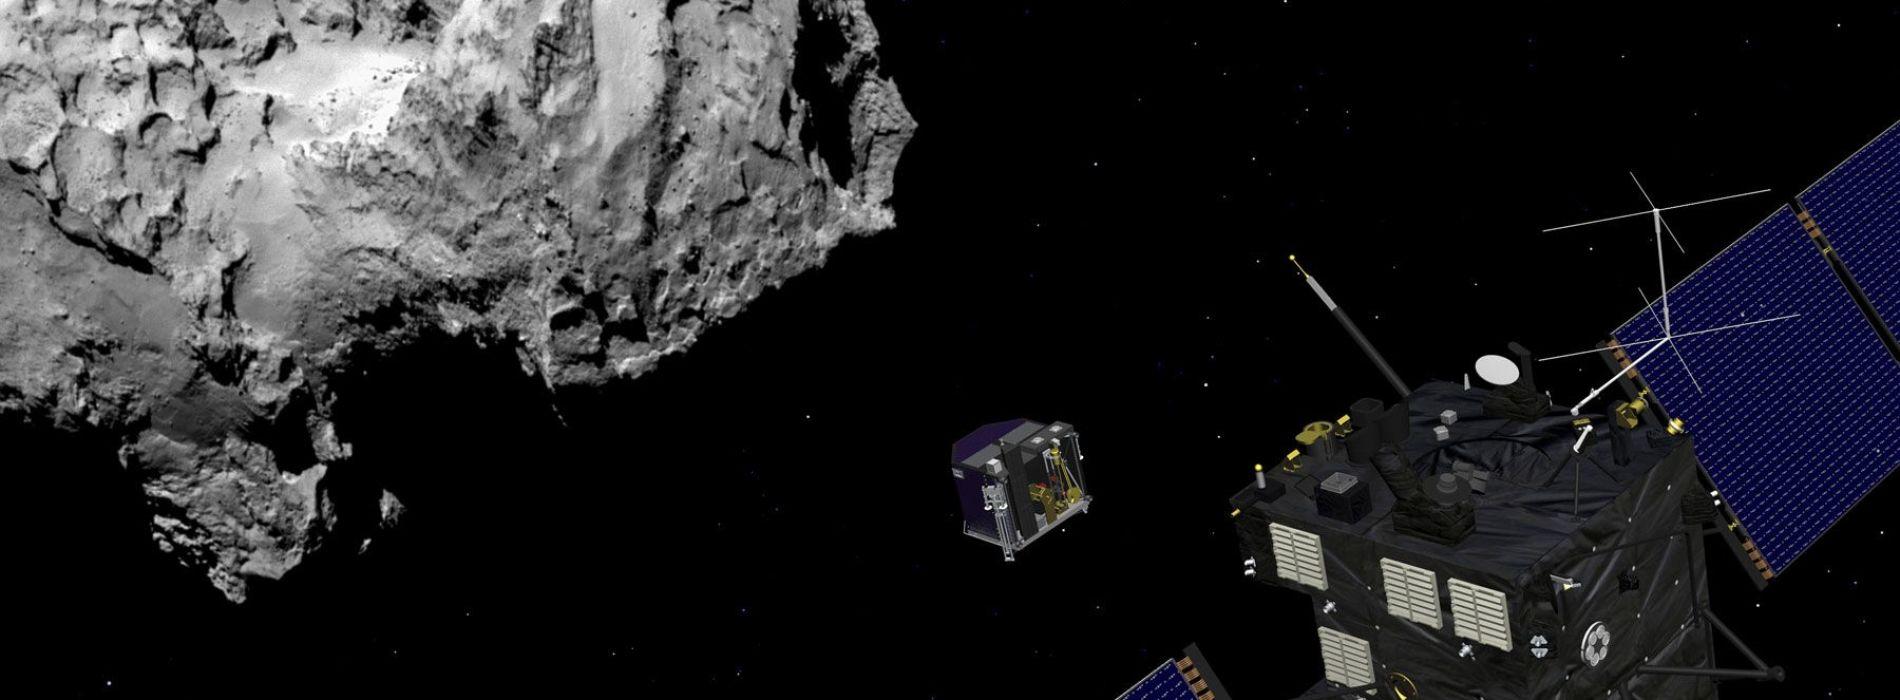 Al Planetario c'è Rosetta. Lei, gran cacciatrice di comete